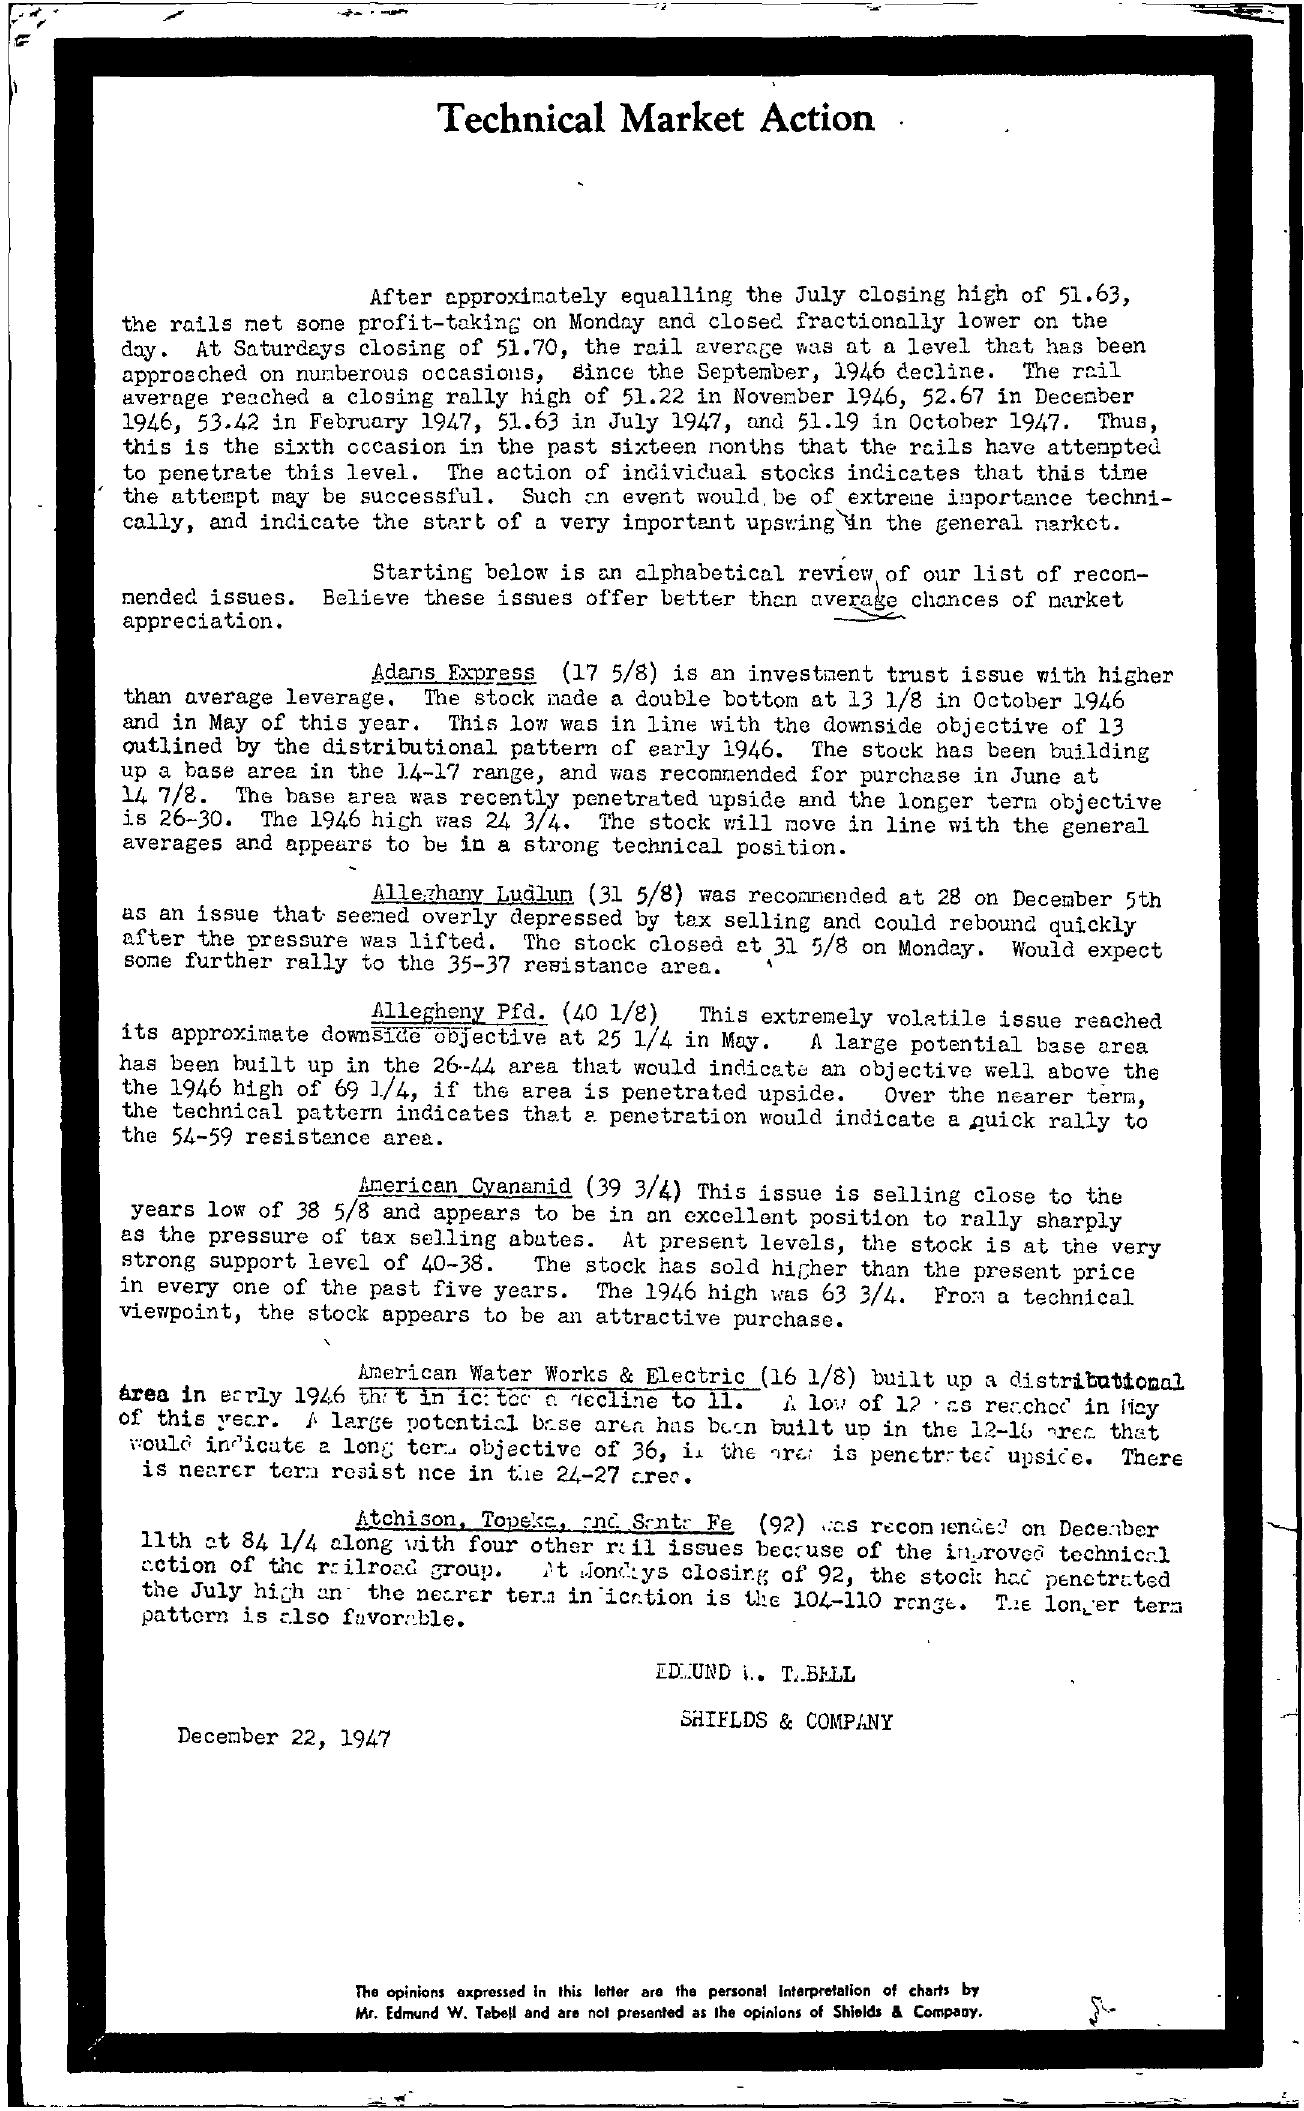 Tabell's Market Letter - December 22, 1947